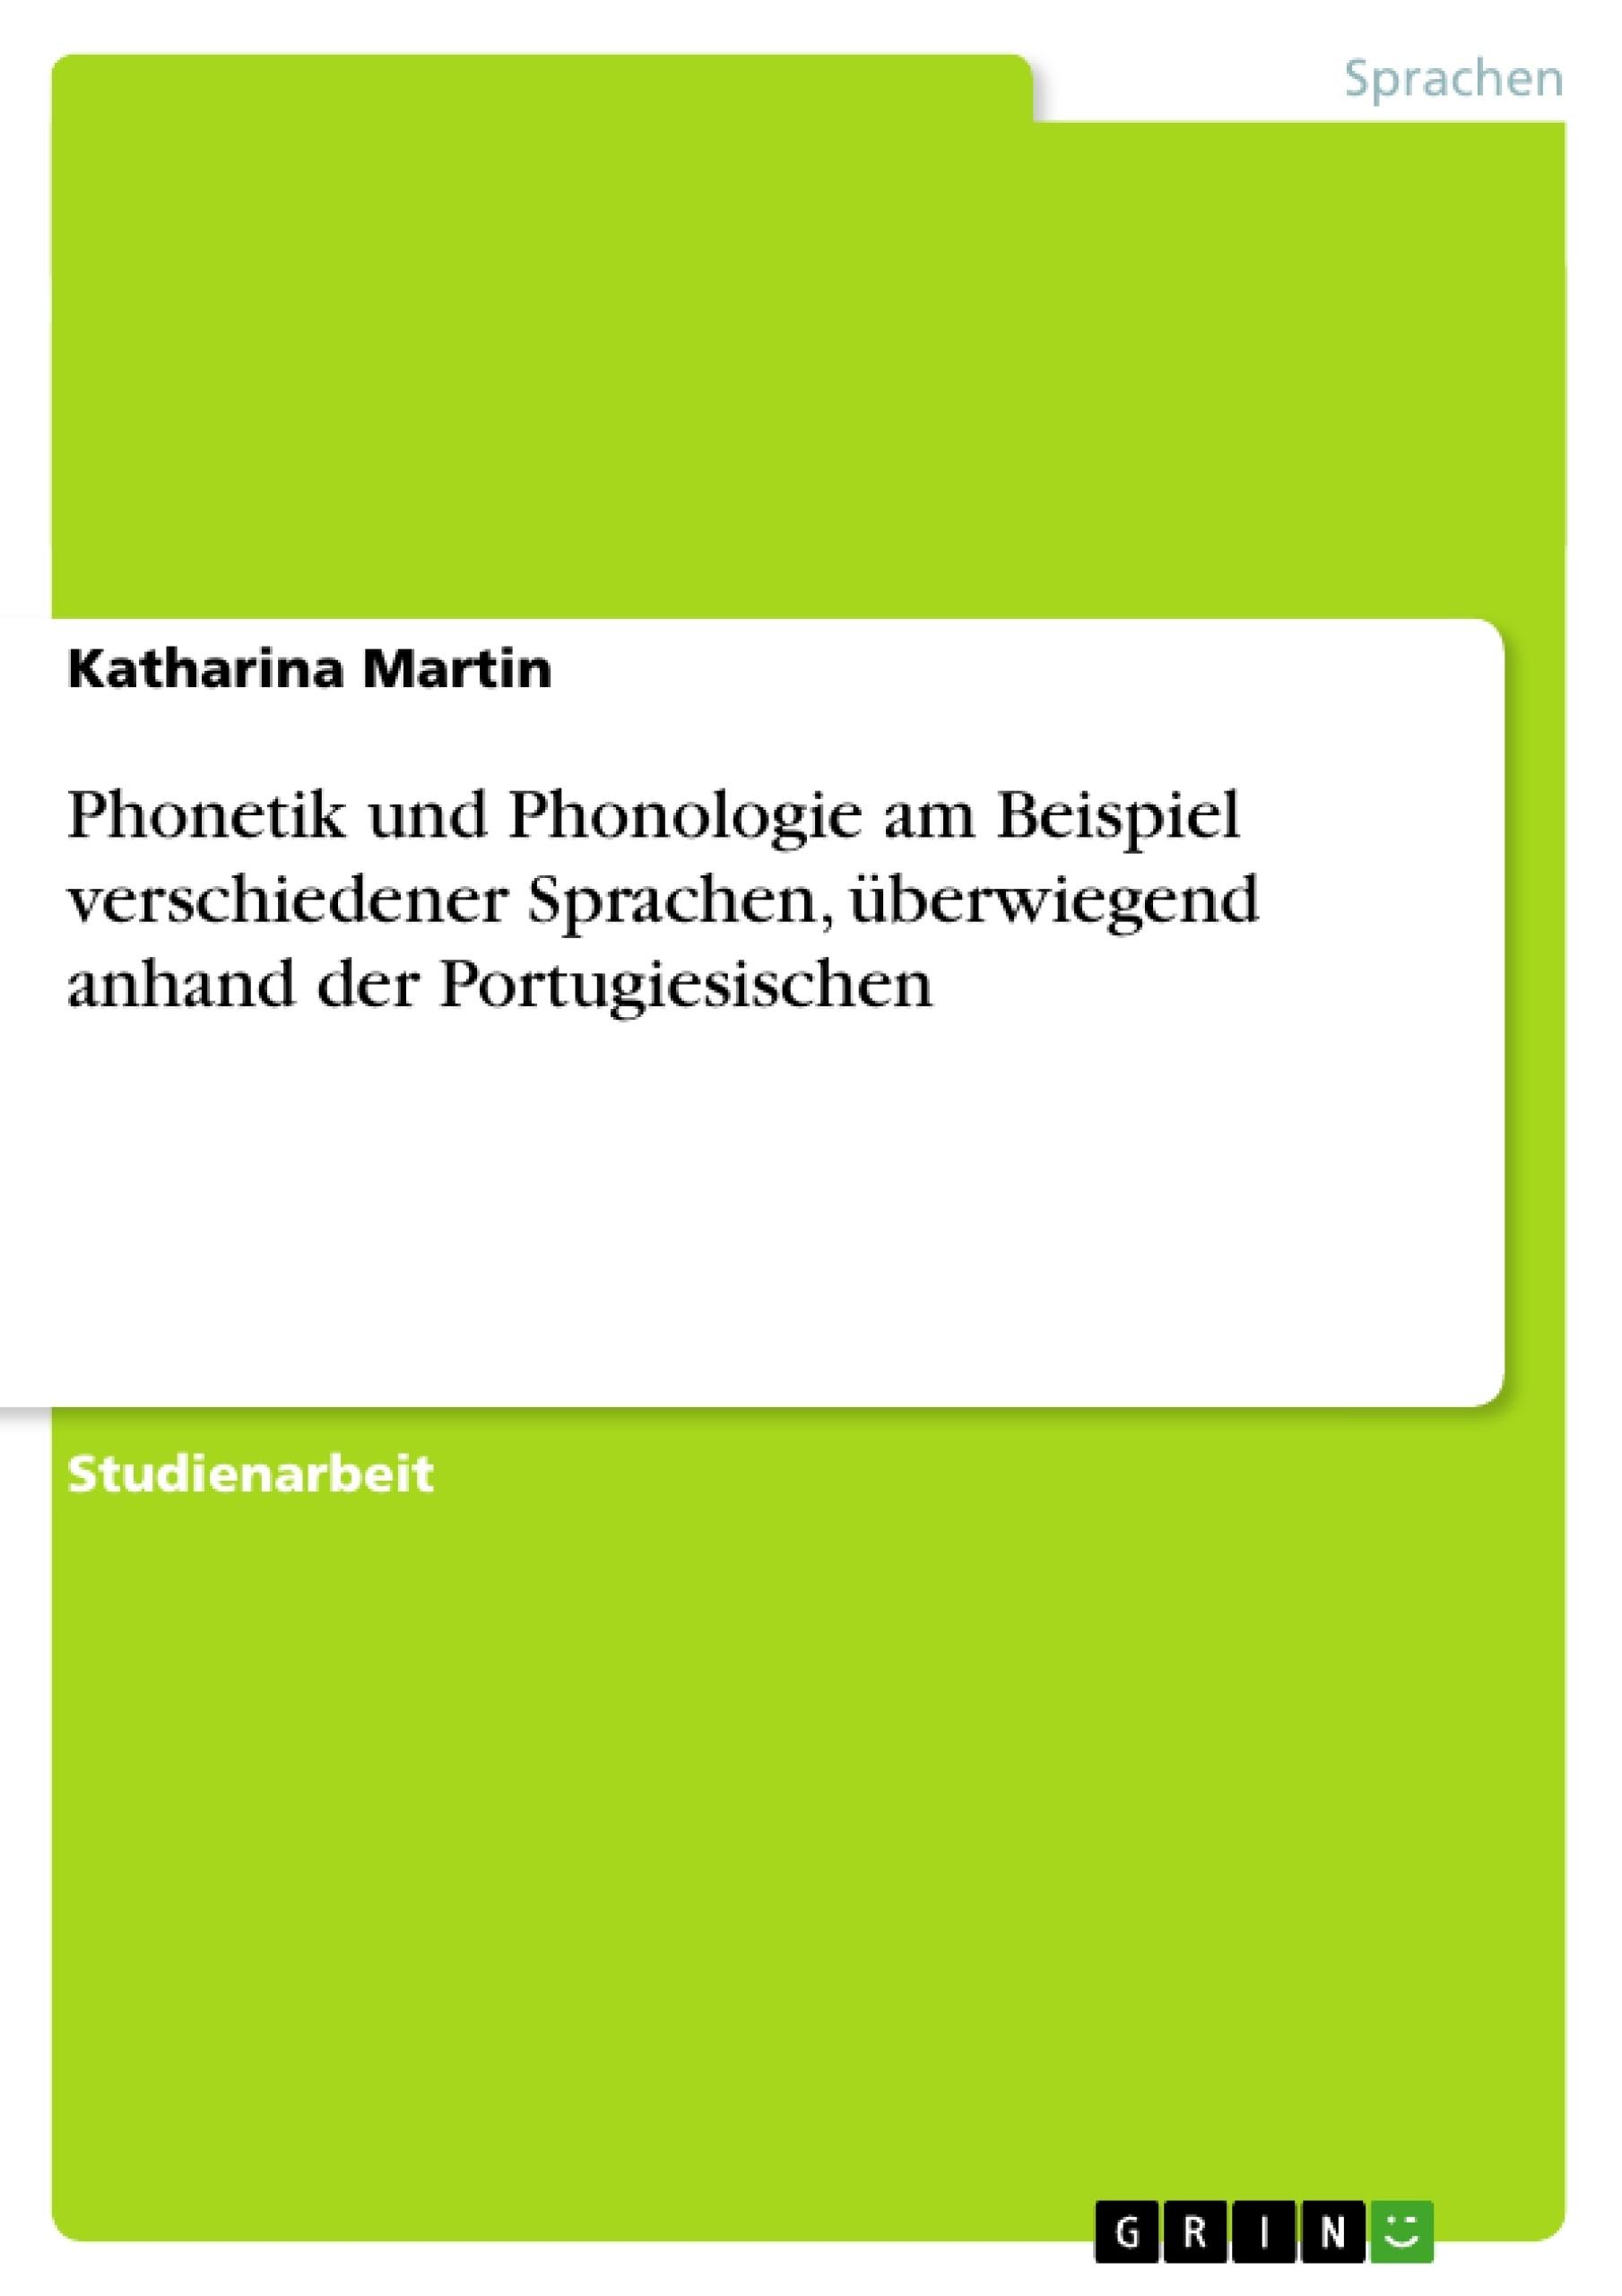 Titel: Phonetik und Phonologie am Beispiel verschiedener Sprachen, überwiegend anhand der Portugiesischen